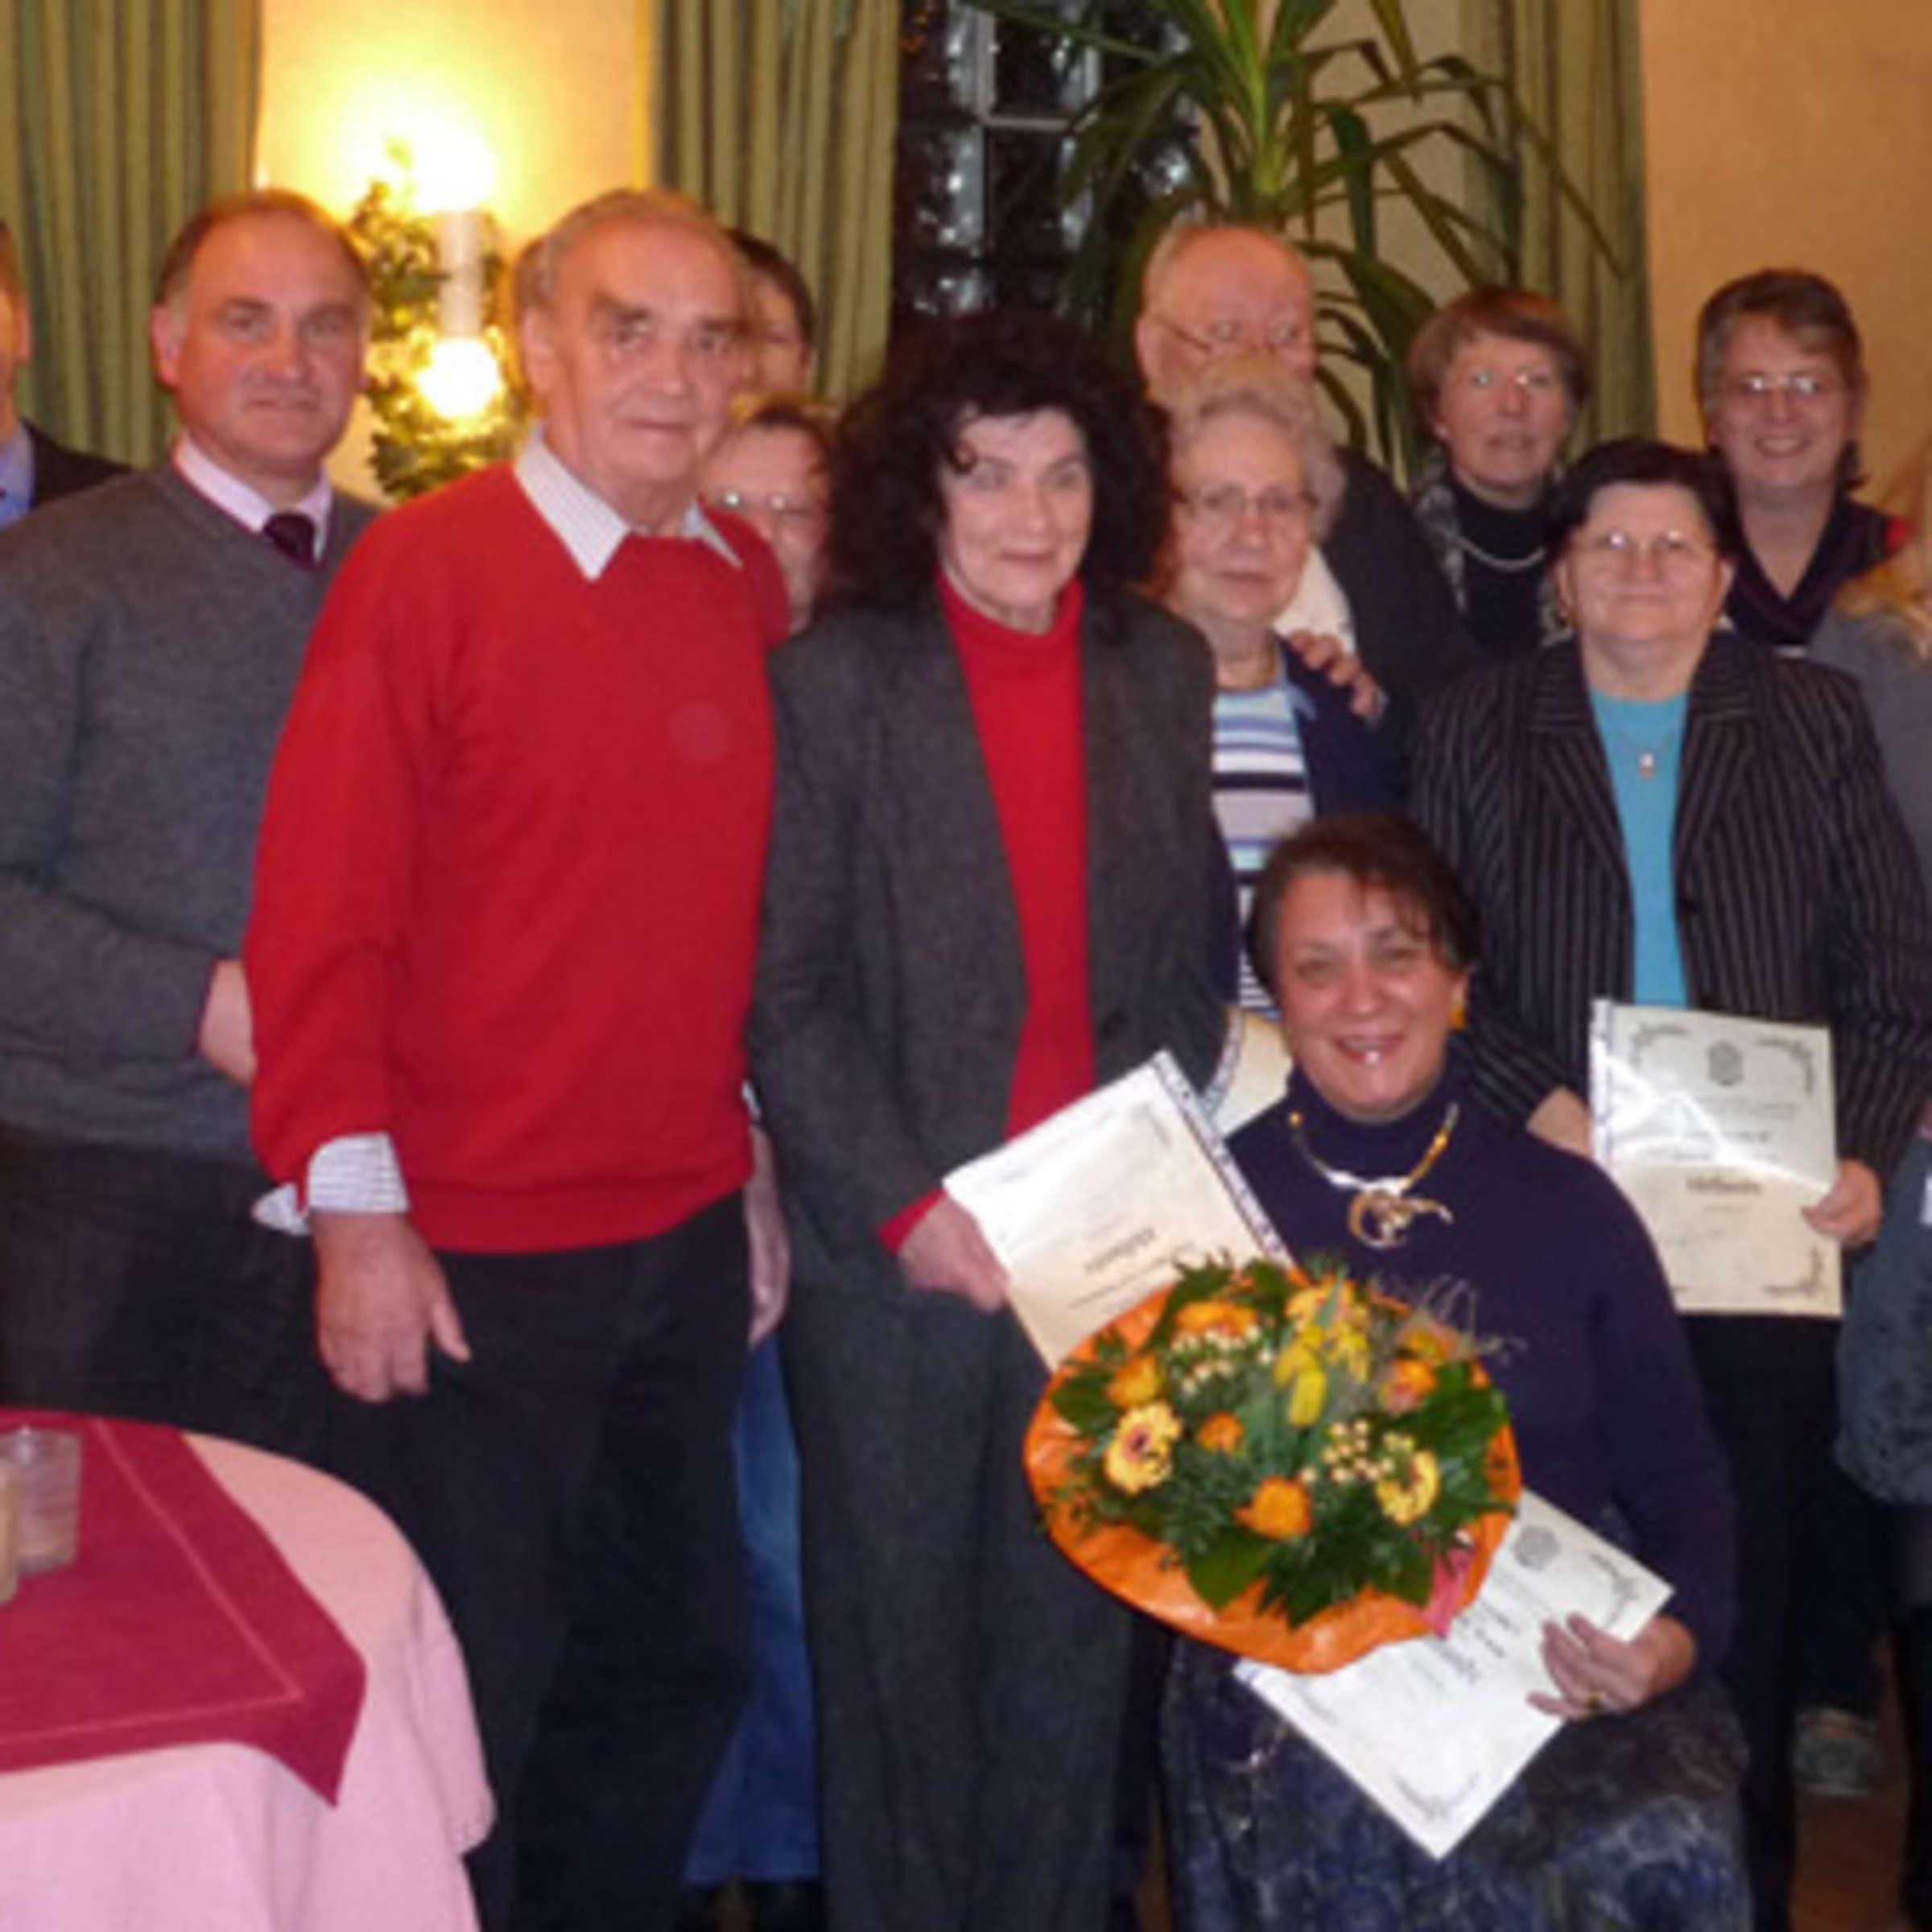 Sie Sorgen Fur Blumenpracht In Bad Arolsen Waldeck Frankenberg